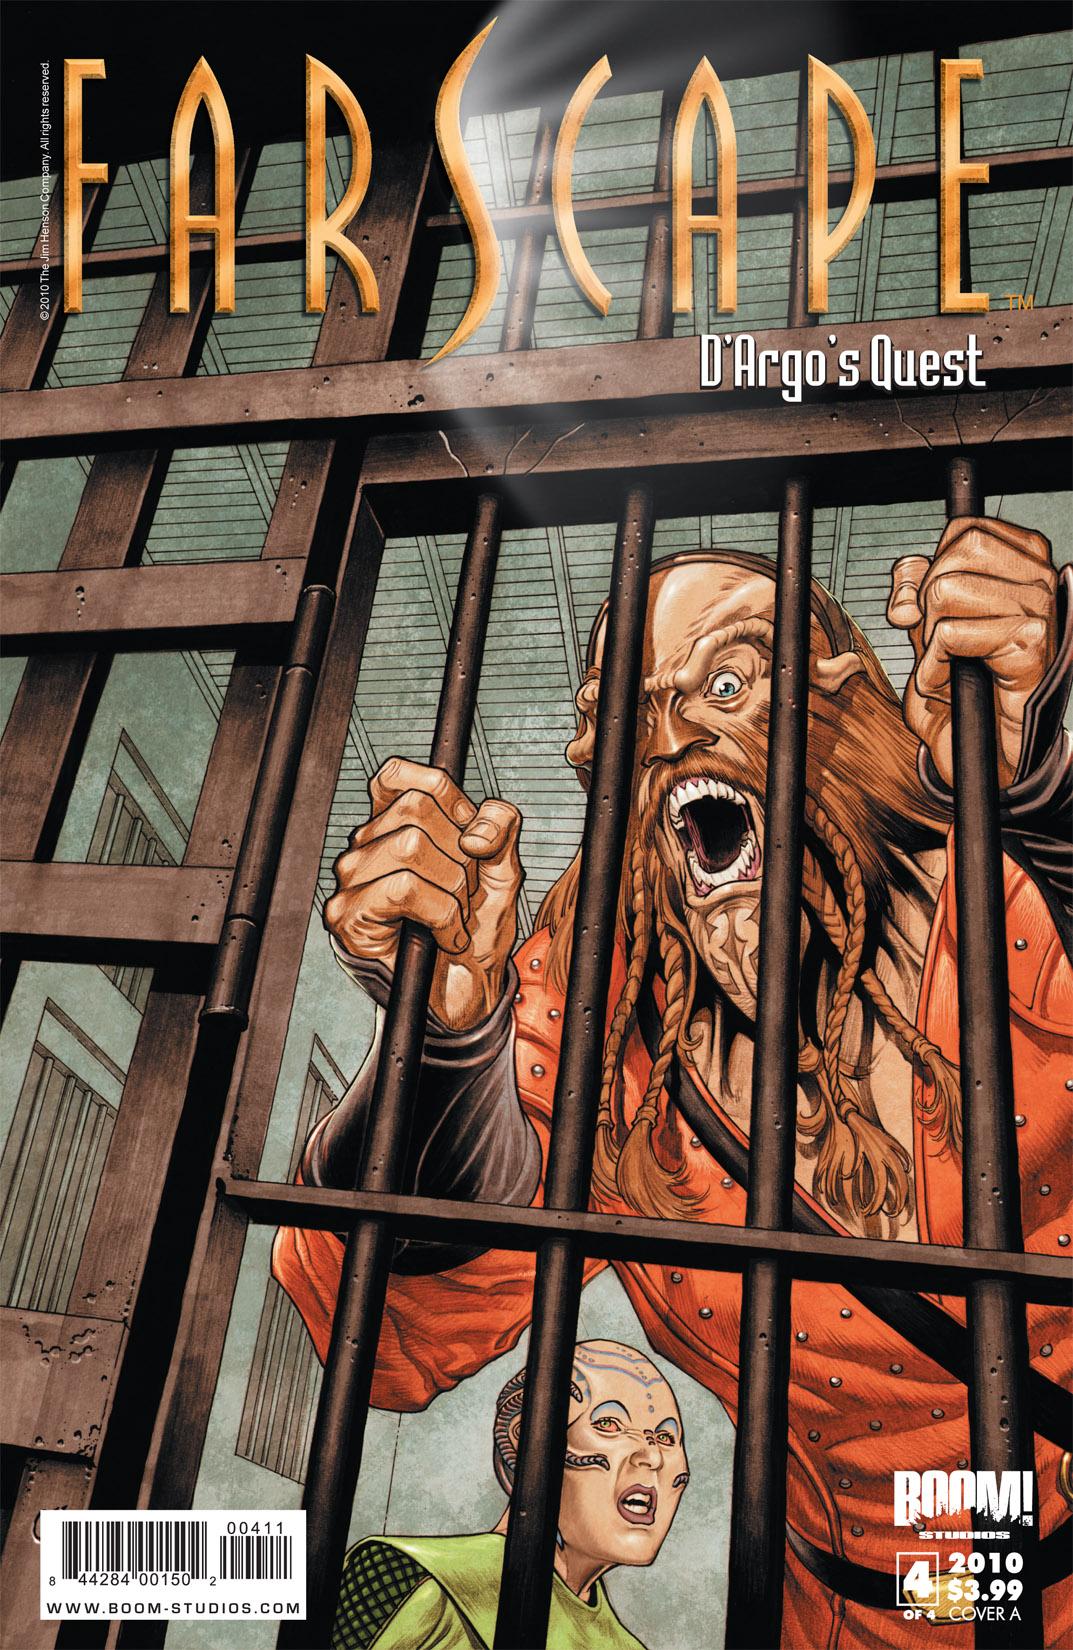 Read online Farscape: D'Argo's Quest comic -  Issue #4 - 1